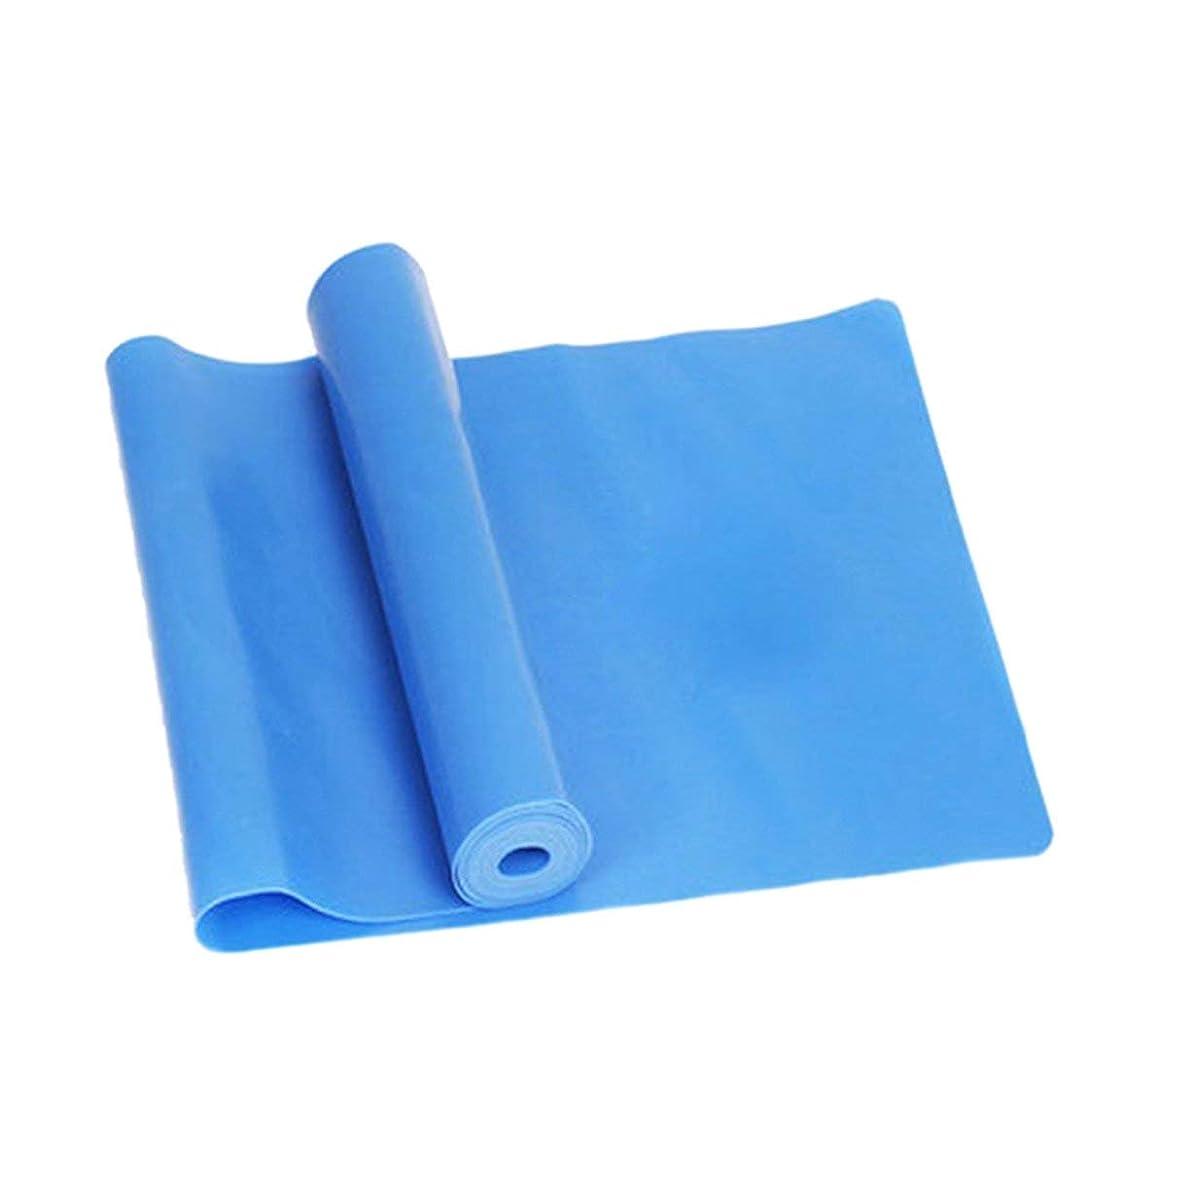 ご覧ください大佐シロナガスクジラスポーツジムフィットネスヨガ機器筋力トレーニング弾性抵抗バンドトレーニングヨガゴムループスポーツピラティスバンド-ブルー